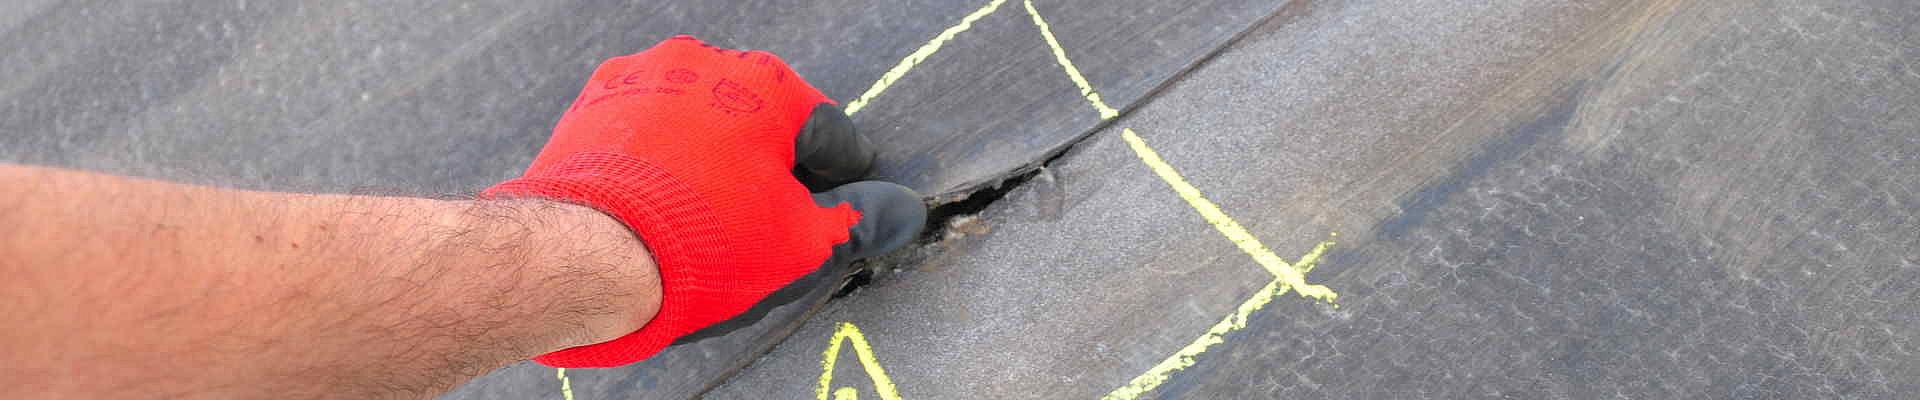 Wierig Dachservice. Wir prüfen Ihr Dach bevor es undicht ist und durchregnet.